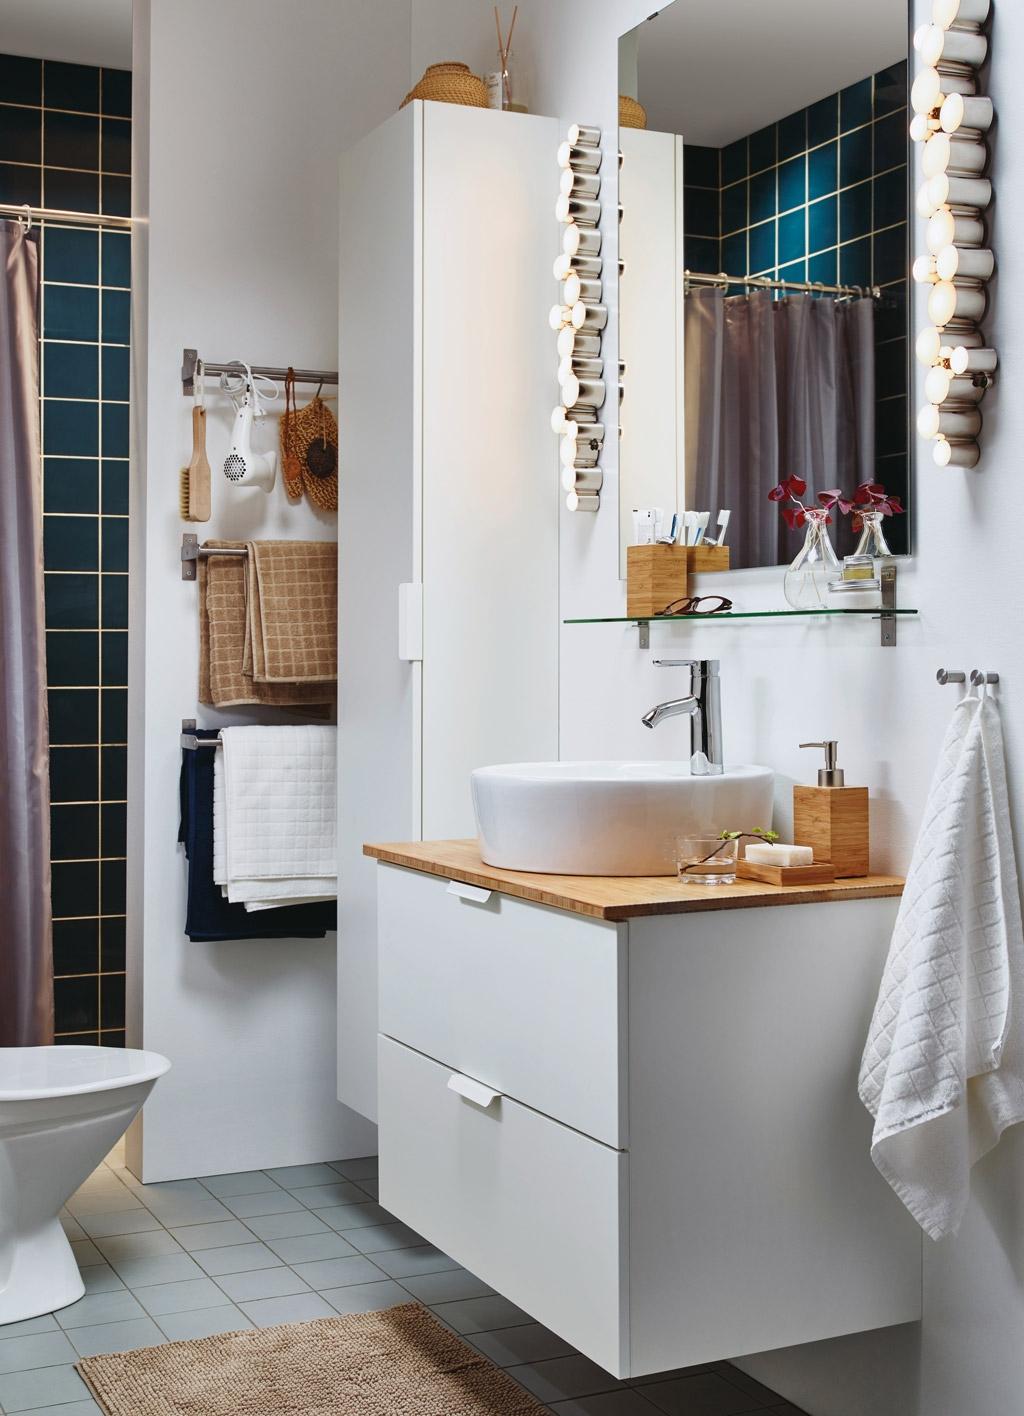 cortinas de baño ikea - con barra sujeción